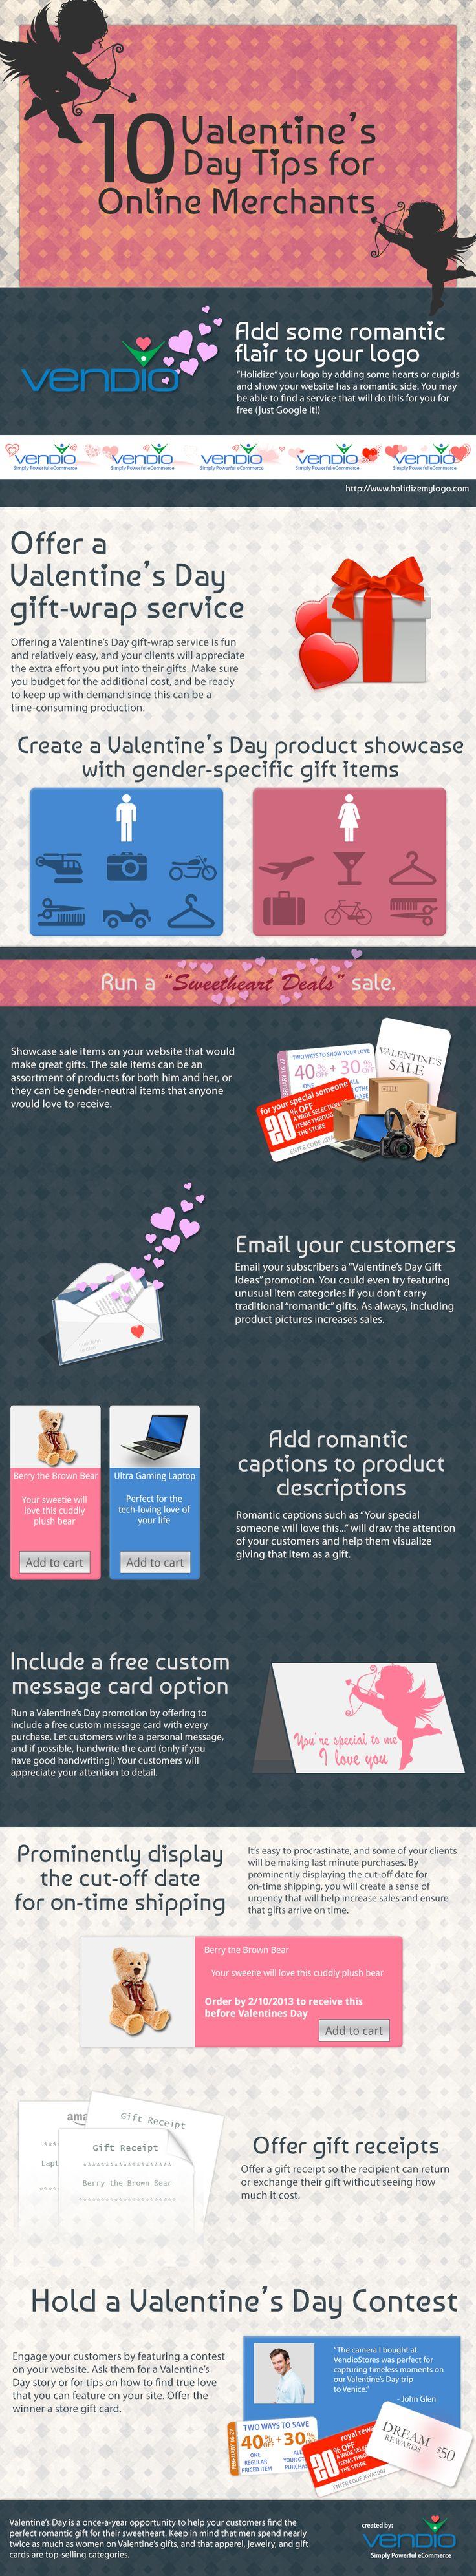 Walentynkowe porady dla sklepów internetowych!    Walentynkowe promocje również na http://promocyjni.pl/.